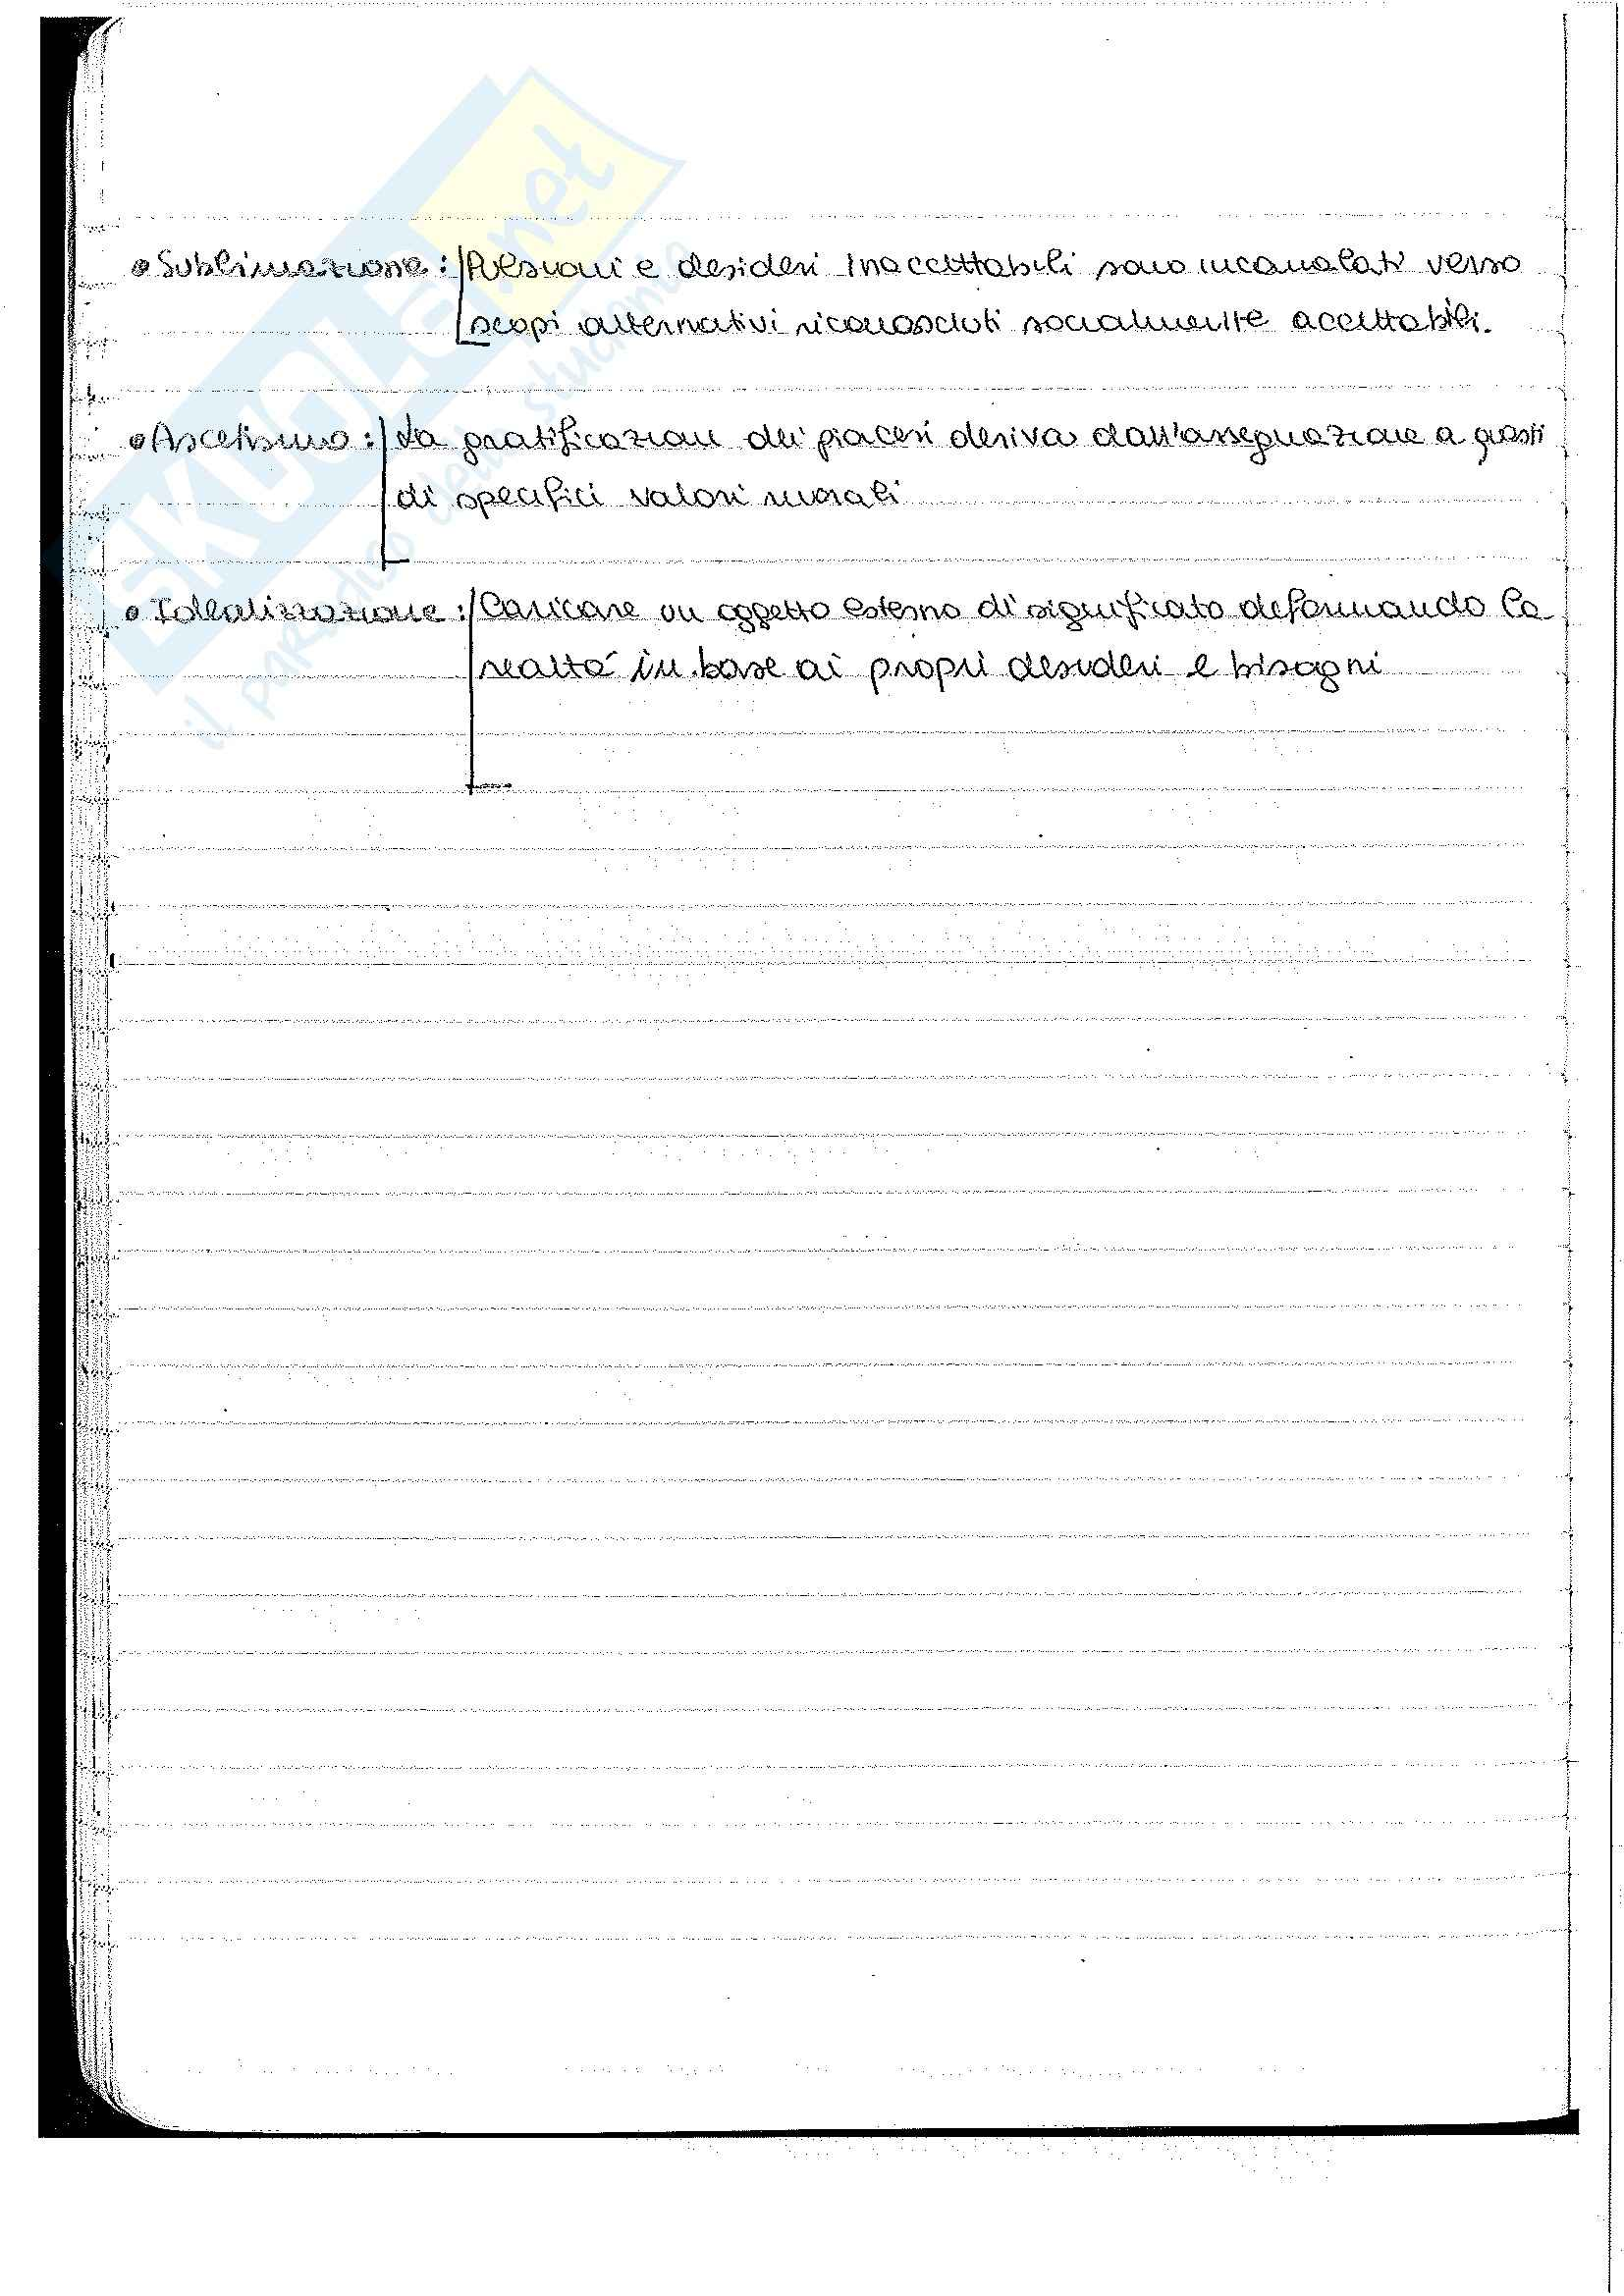 Psicologia generale - Appunti Pag. 46